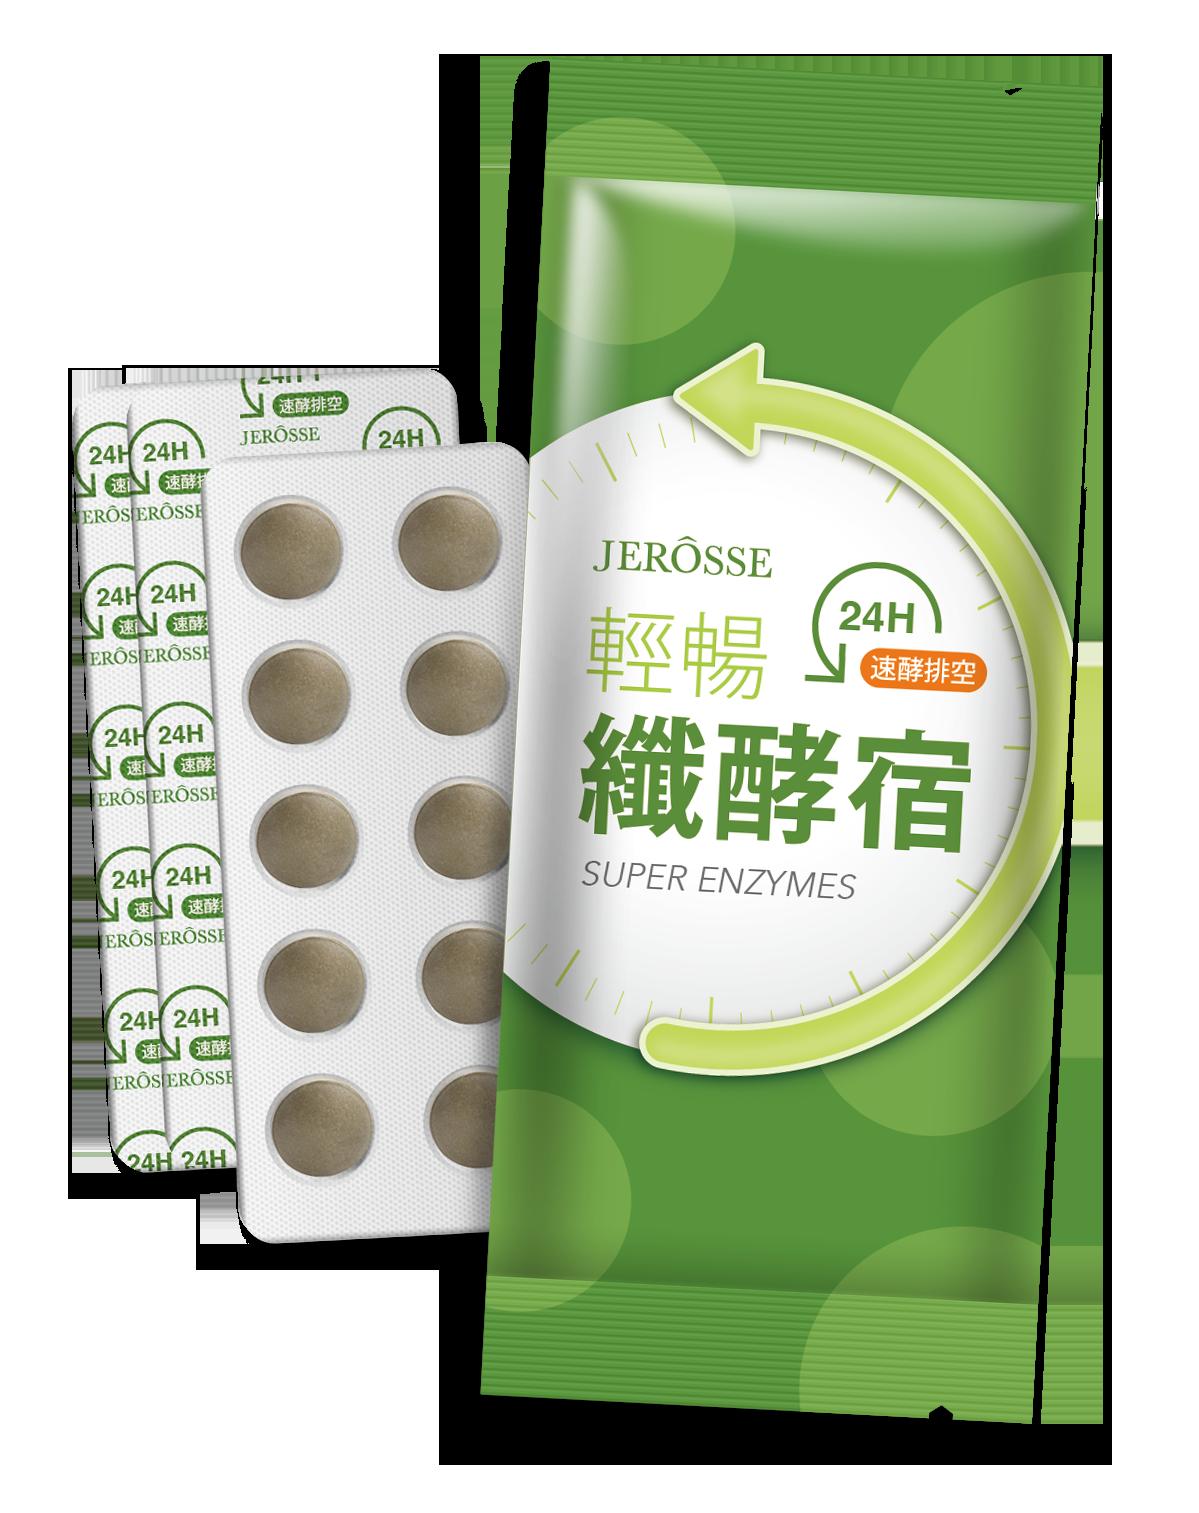 【貨到付款+滿3千數回饋11~23%】JEROSSE 婕樂纖  纖酵宿 纖酵素 分期0利率 2